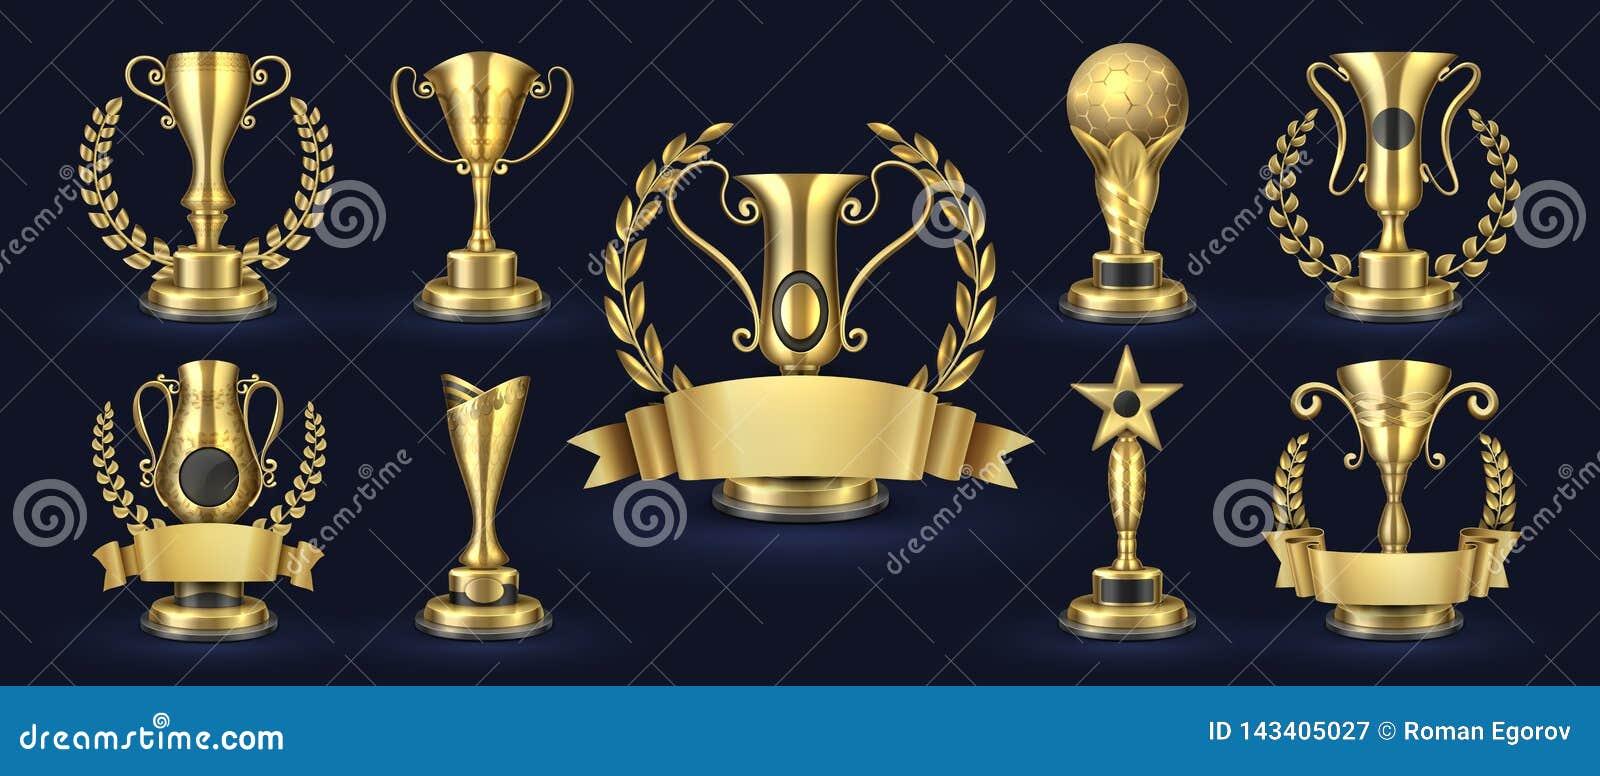 Золотой трофей Реалистическая награда чемпиона, призы с формами лавра, знамя победителя состязания наград 3d Чашка вектора золота